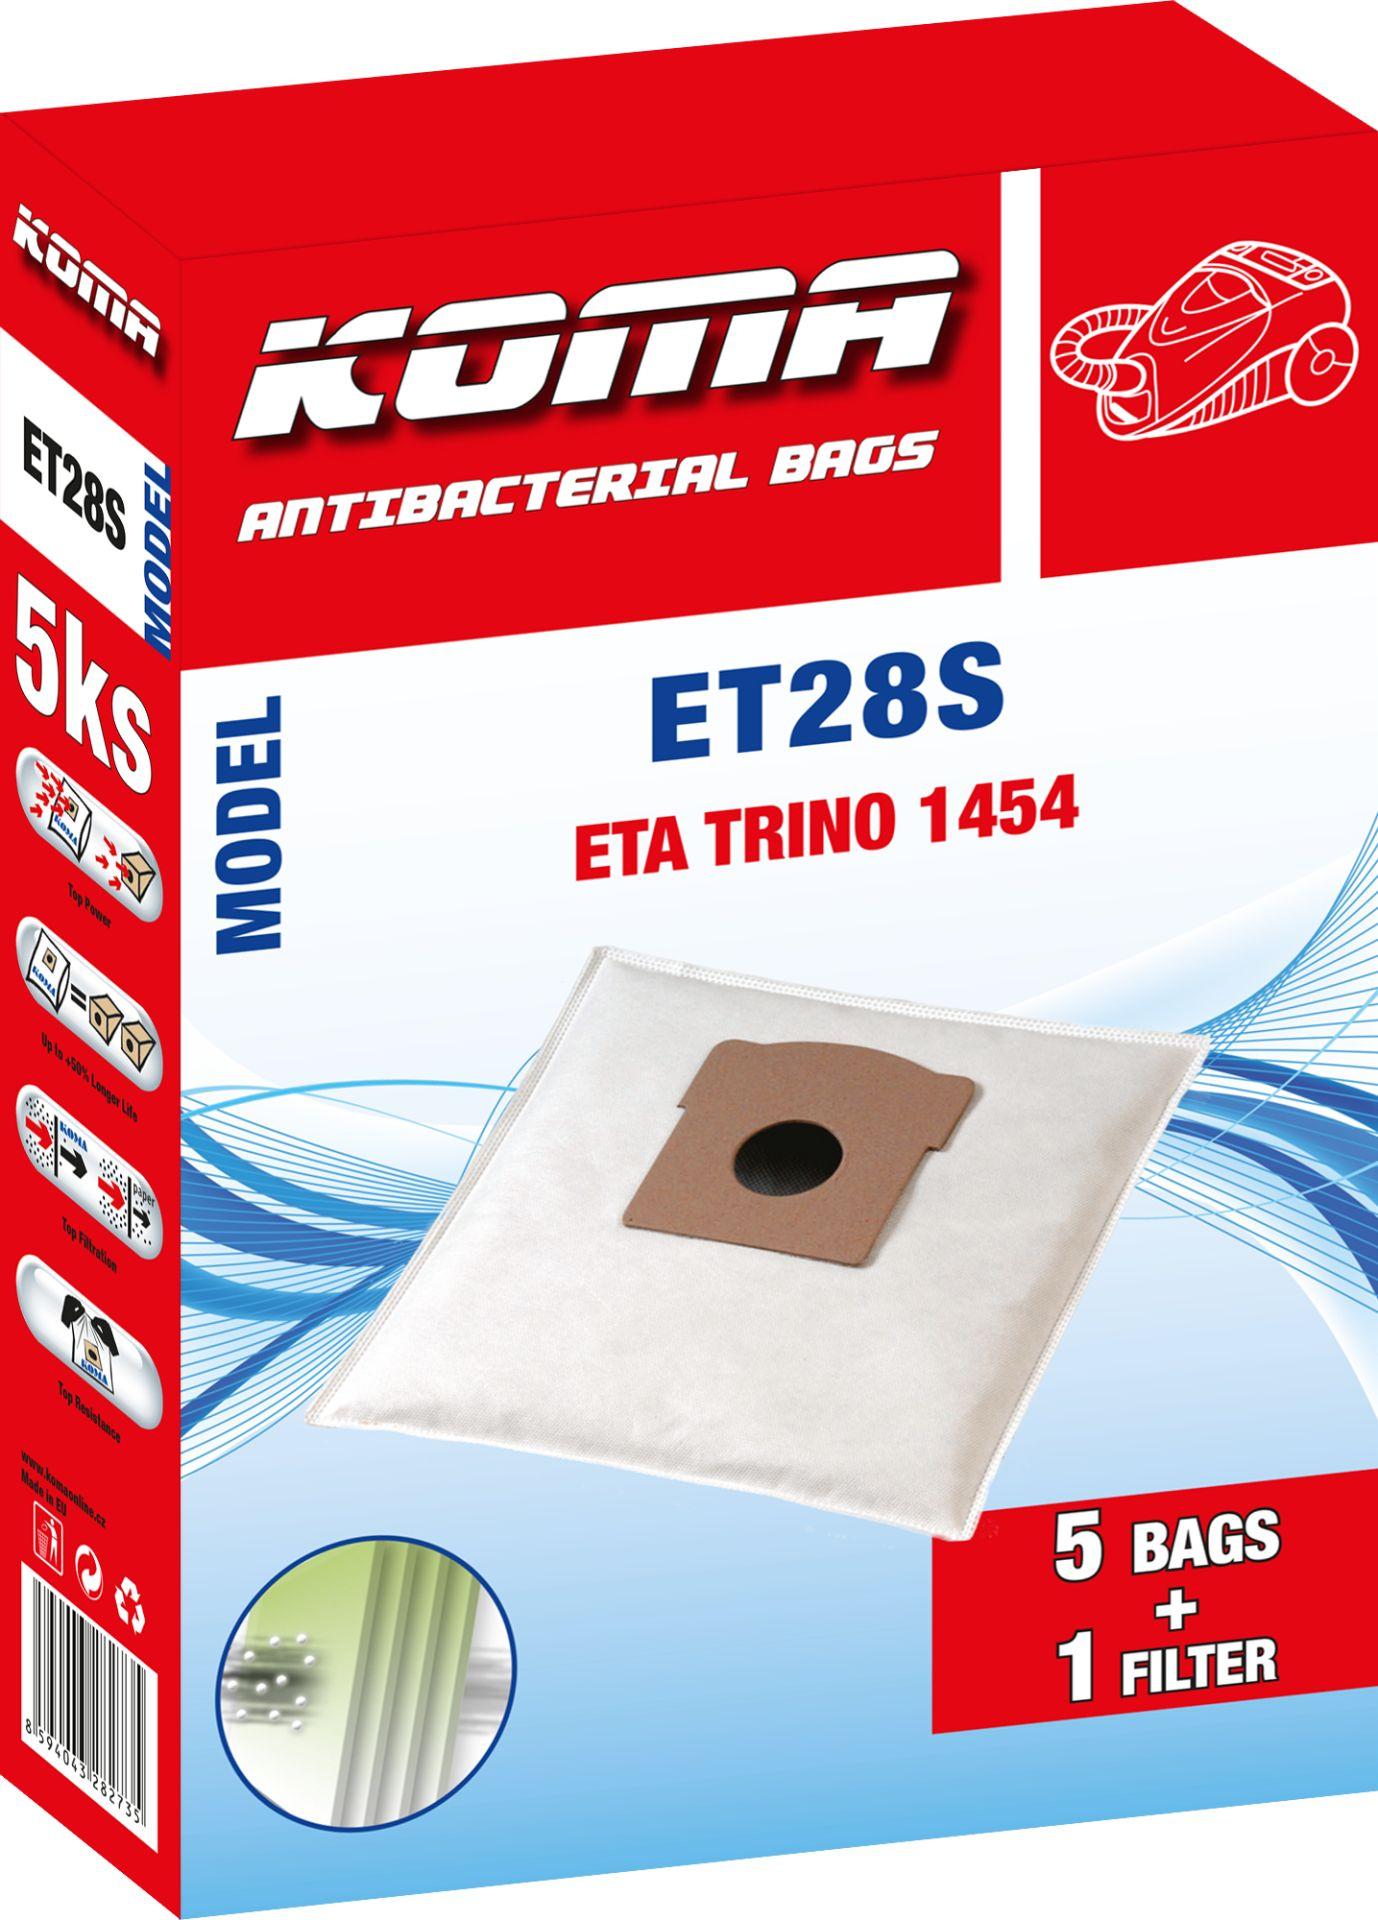 KOMA sáčky ETA Trino 1454 textilní 5 ks + 1 mikrofiltr Balení: Balení v krabičce